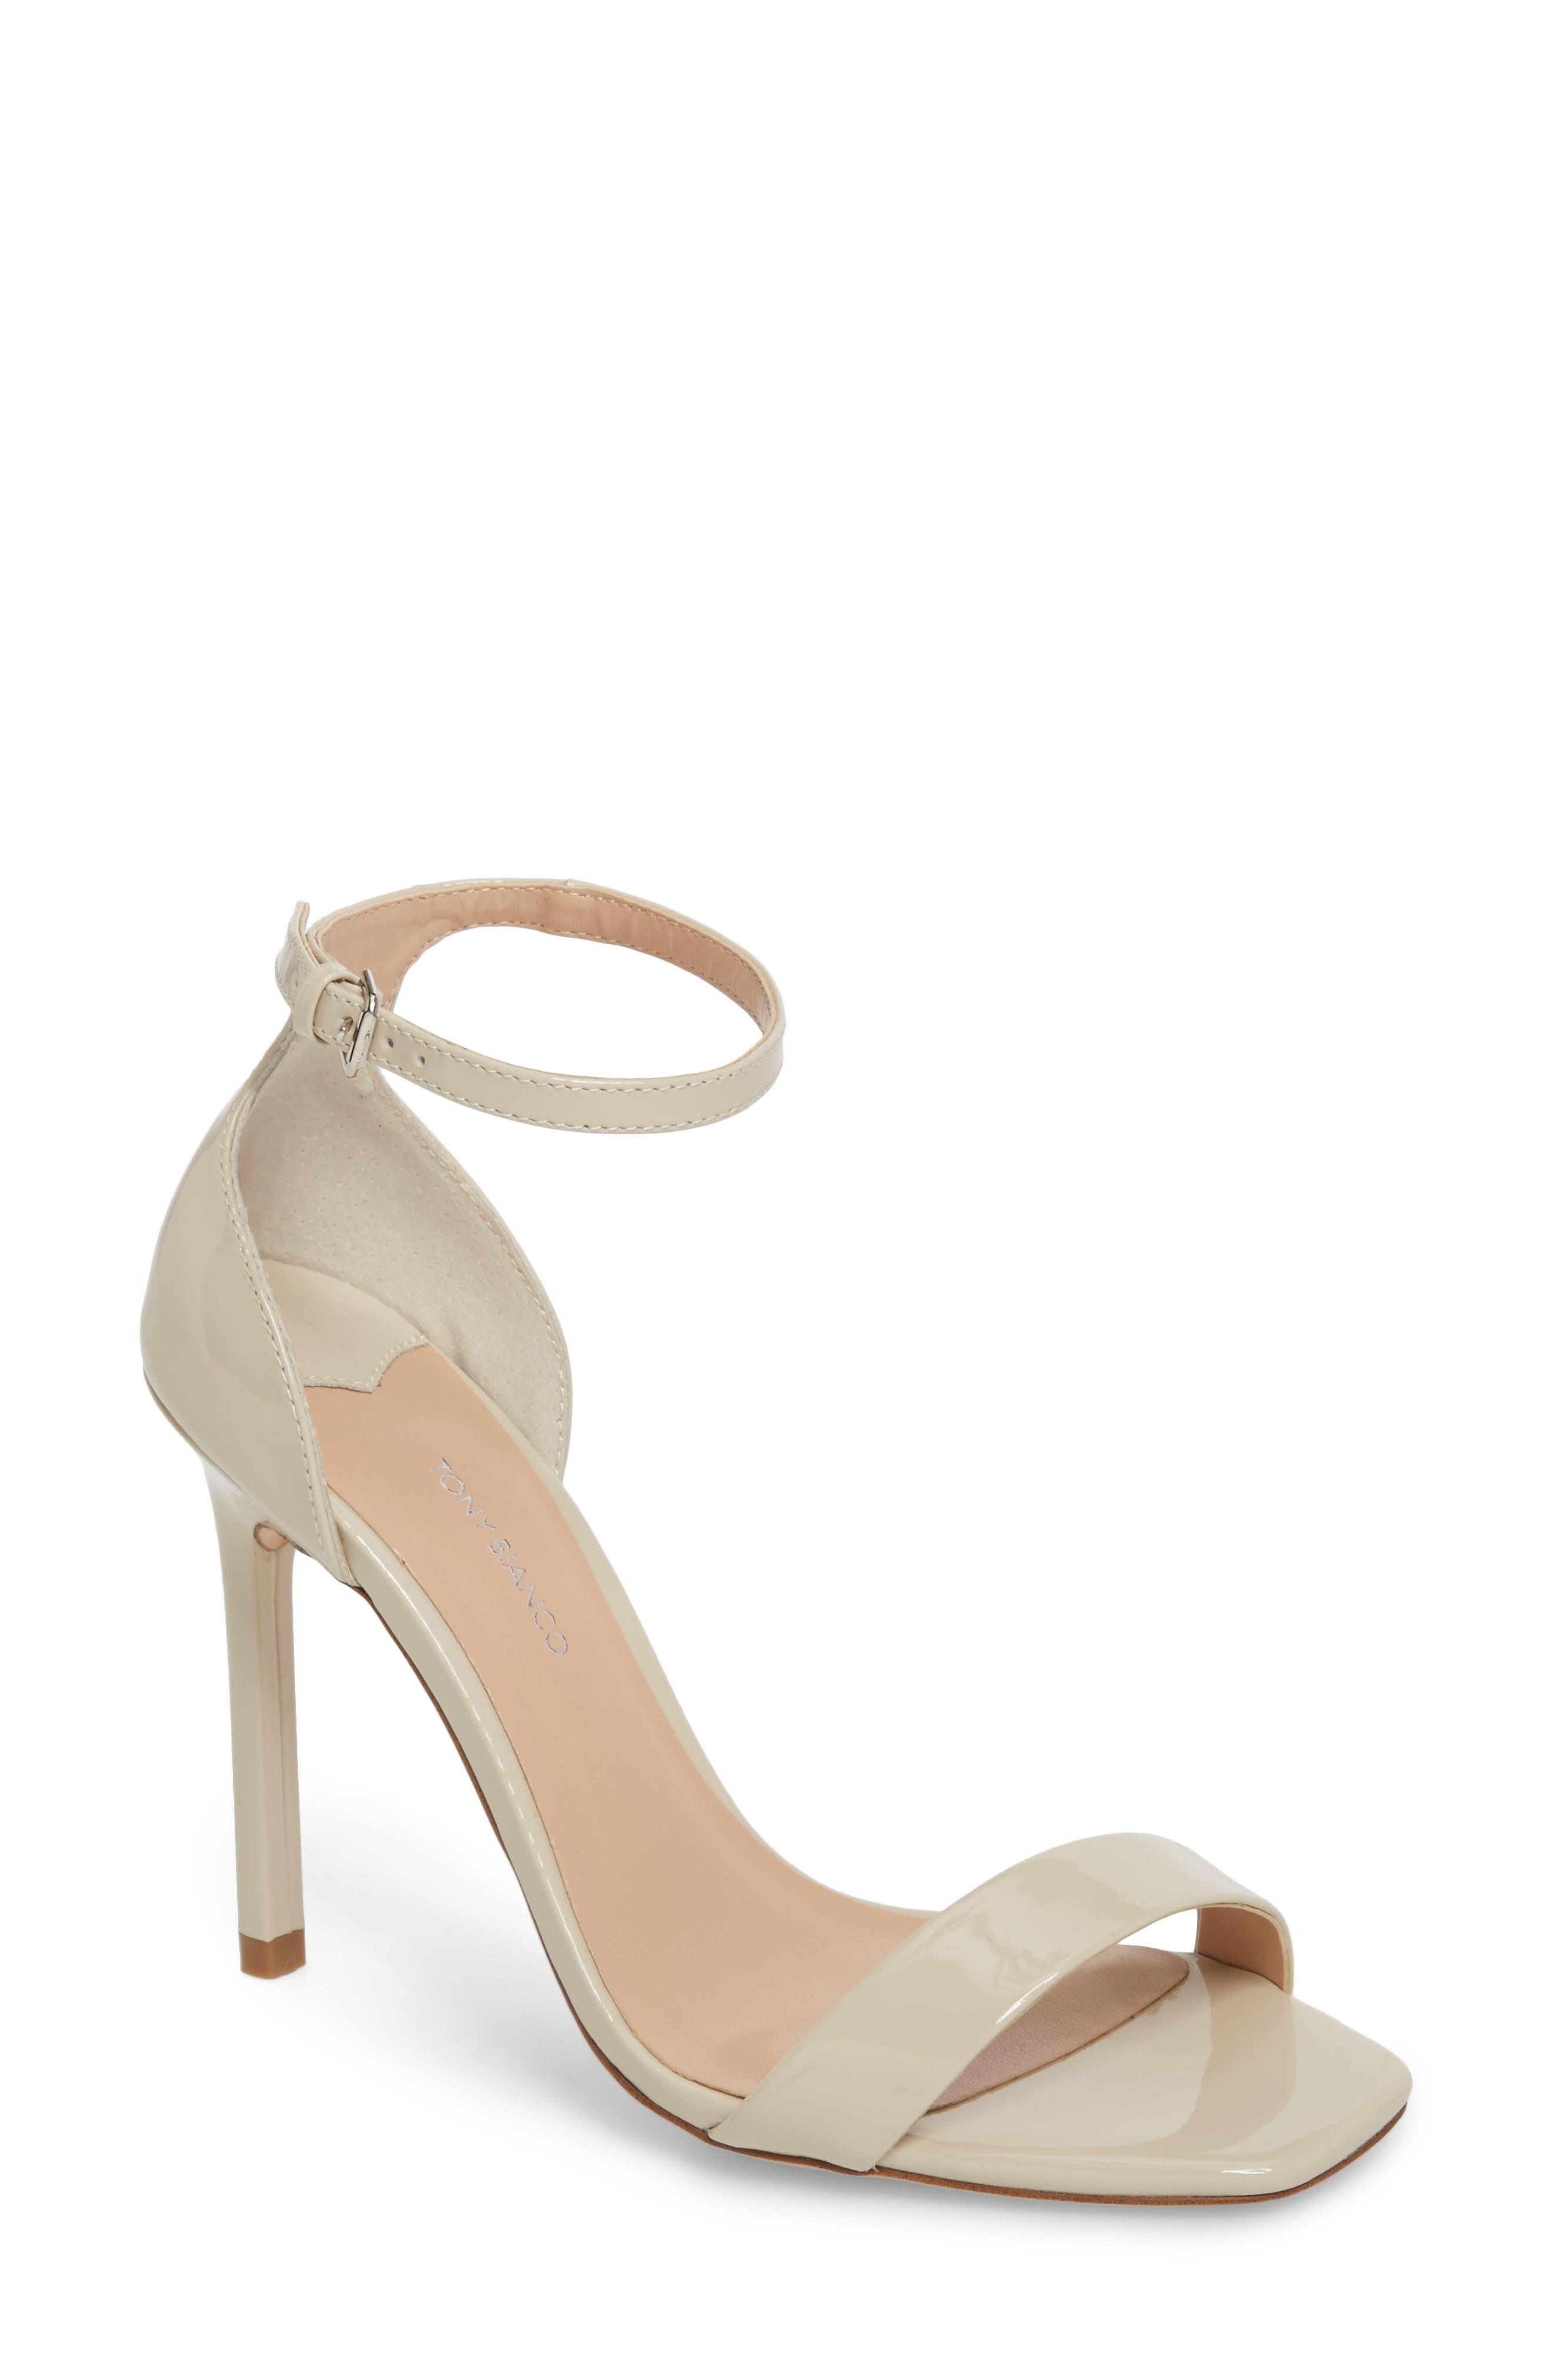 Tony Bianco Women's Sacha Ankle Strap Sandal SQ67ciiq